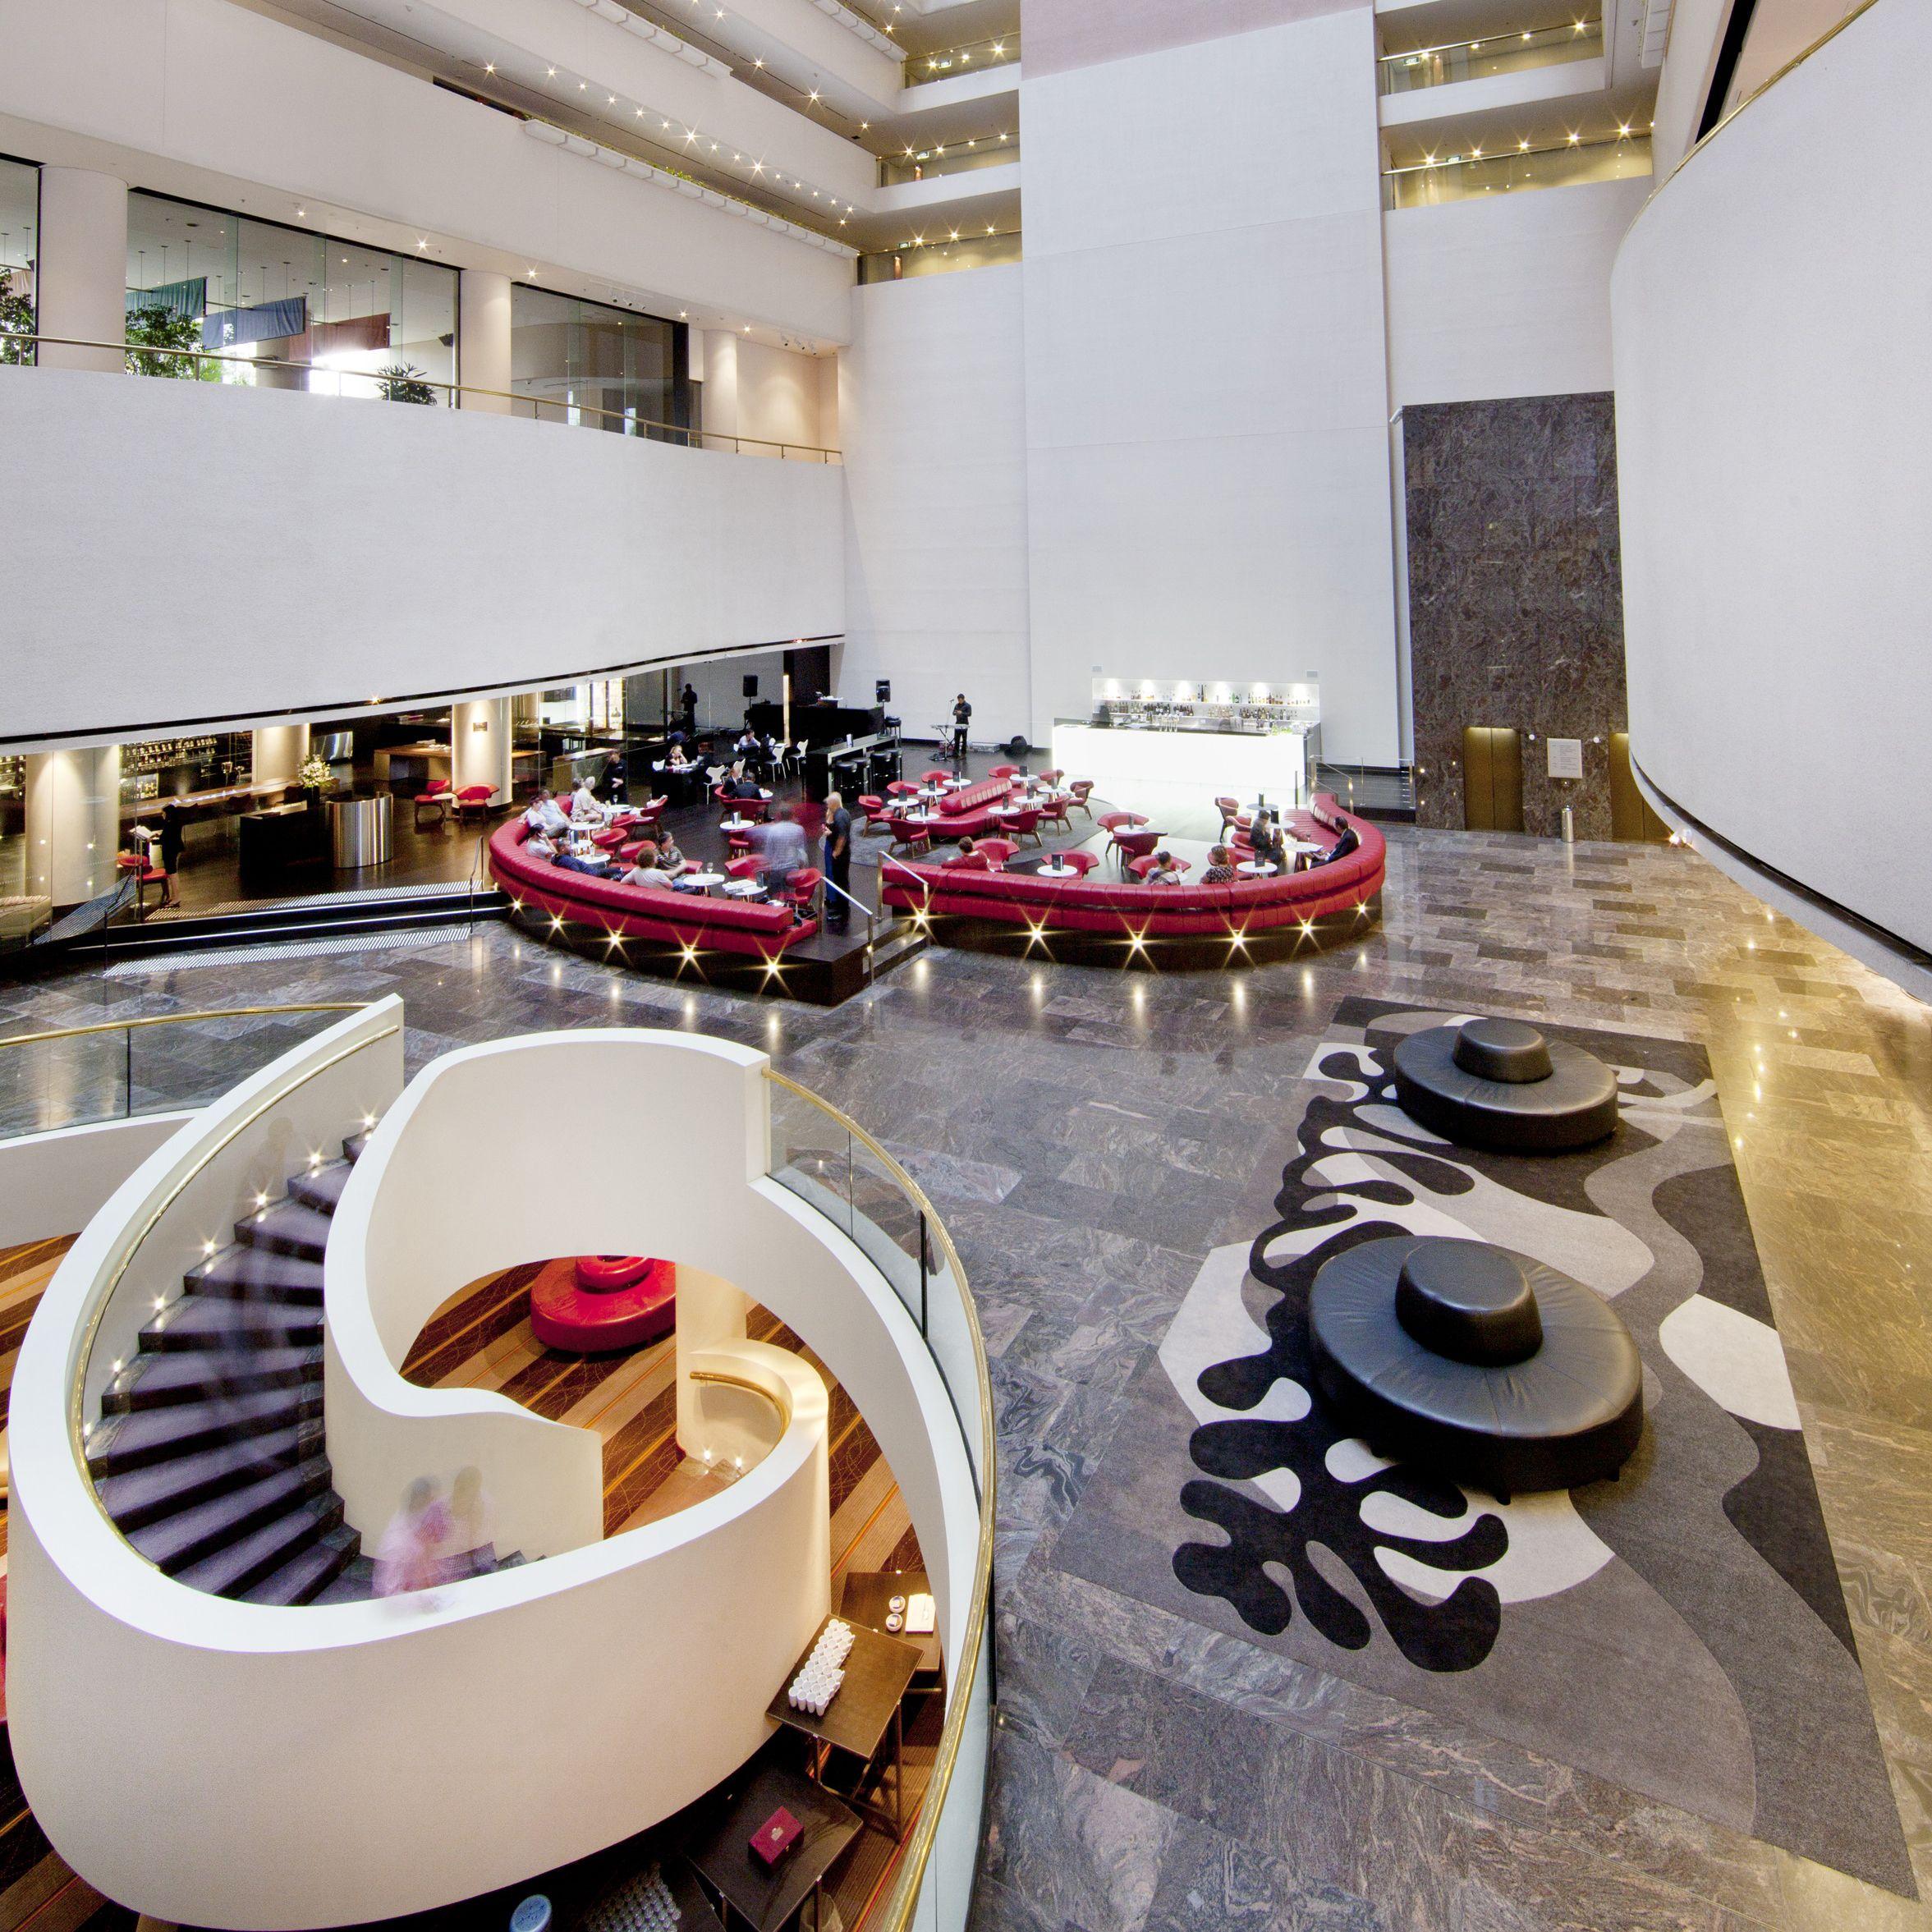 Hilton Brisbane Www Besthotels Au Hotel Qld Hiltonbrisbane Aspx